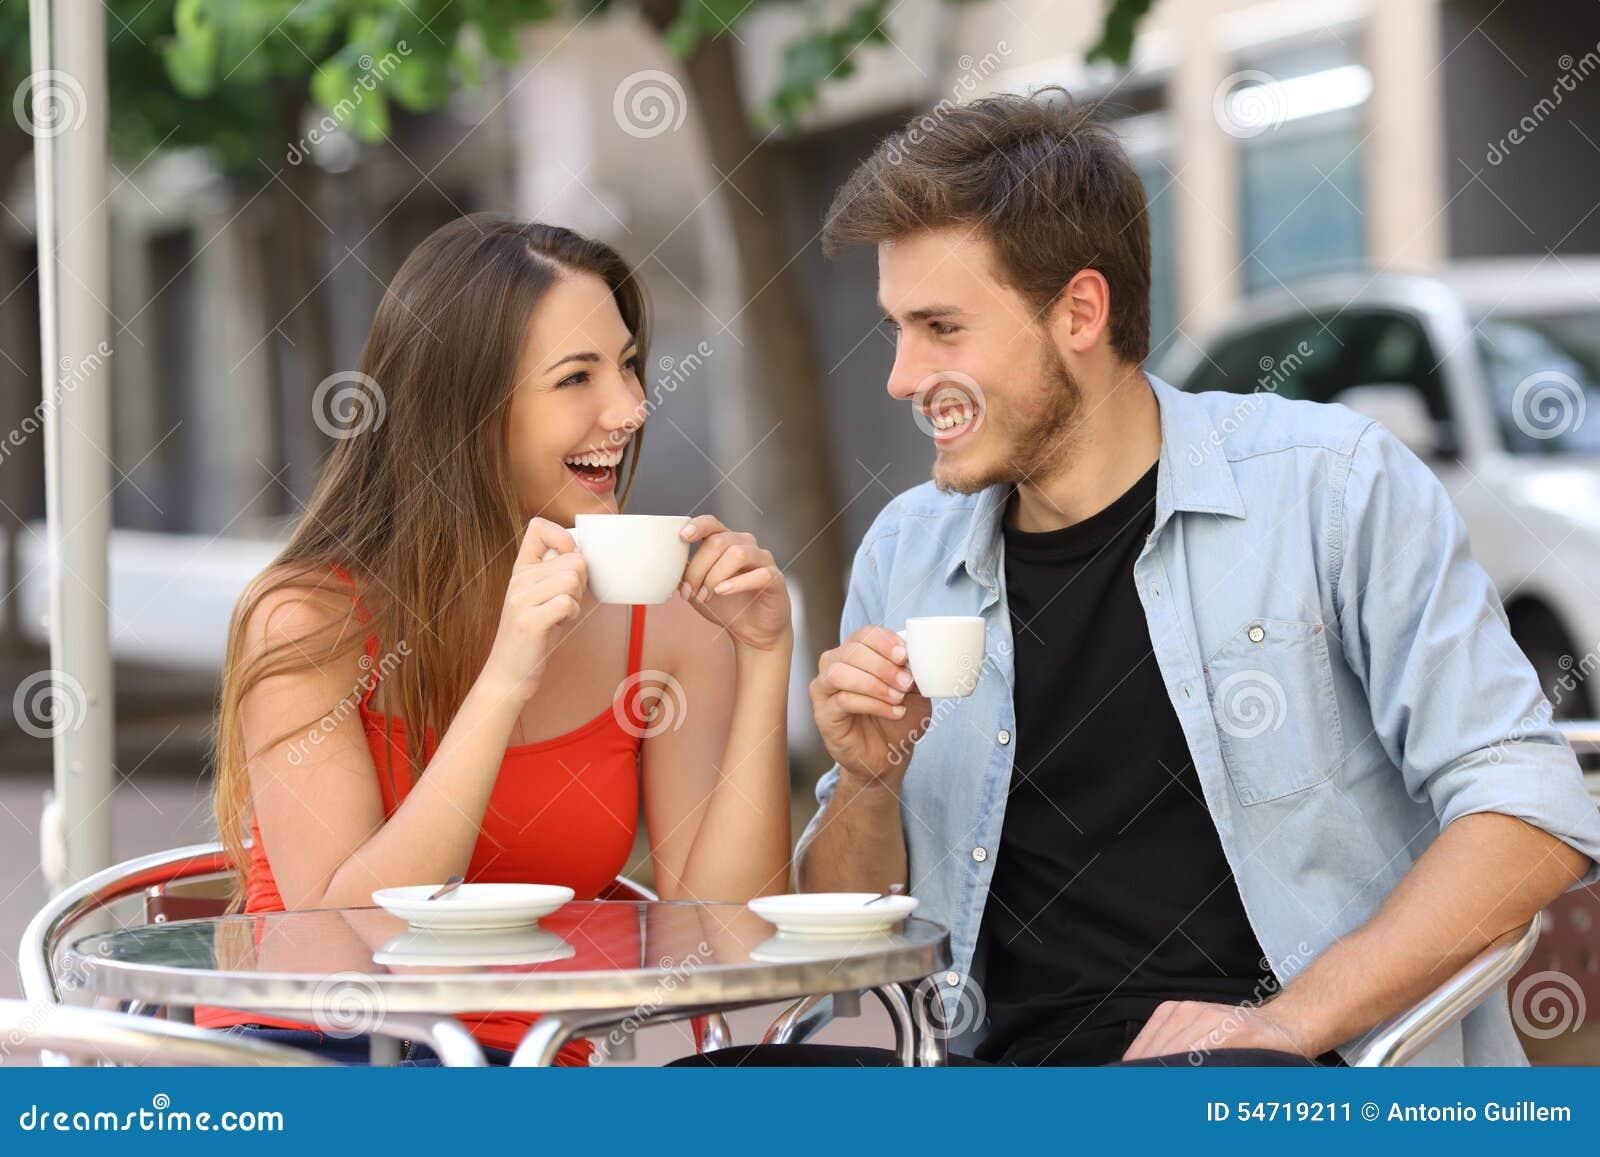 Couples ou amis parlant et buvant dans un restaurant